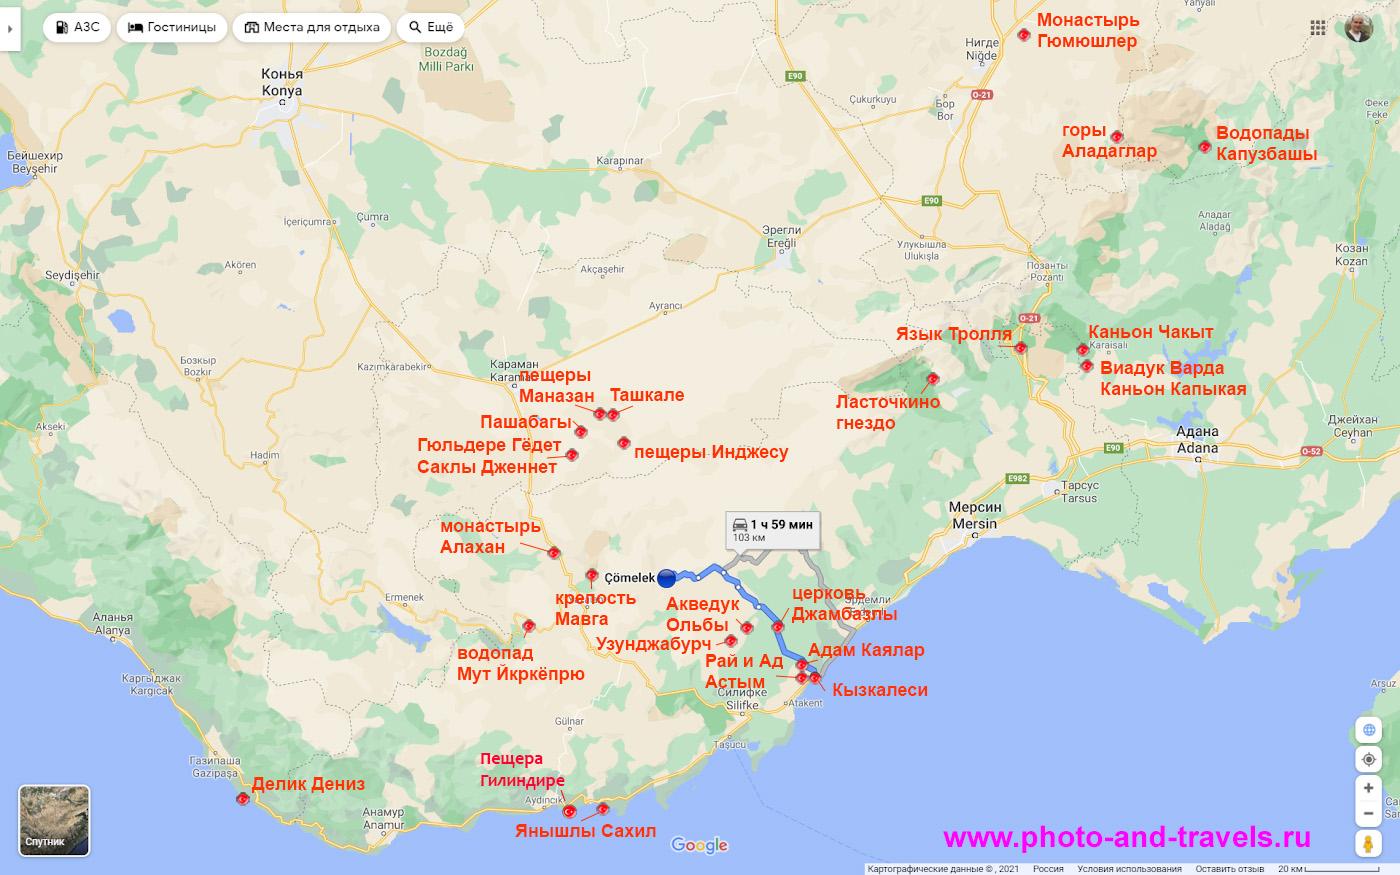 14. Карта, поясняющая, как добраться к каньону Сасон из Кызкалеси. Какие интересные места есть поблизости.